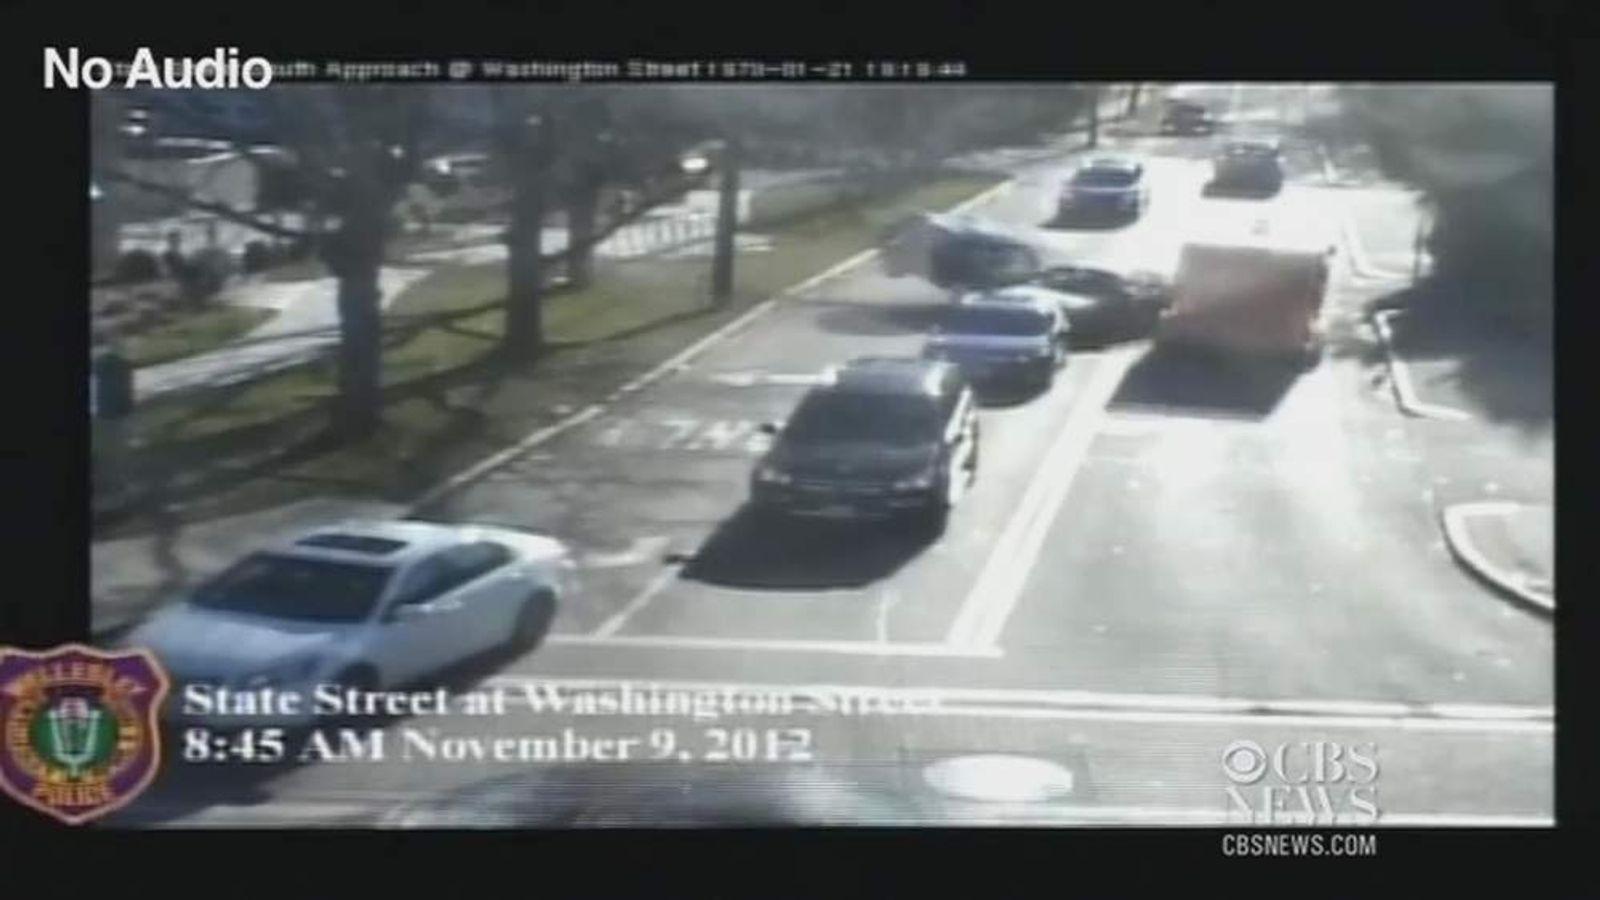 A CCTV still of the crash